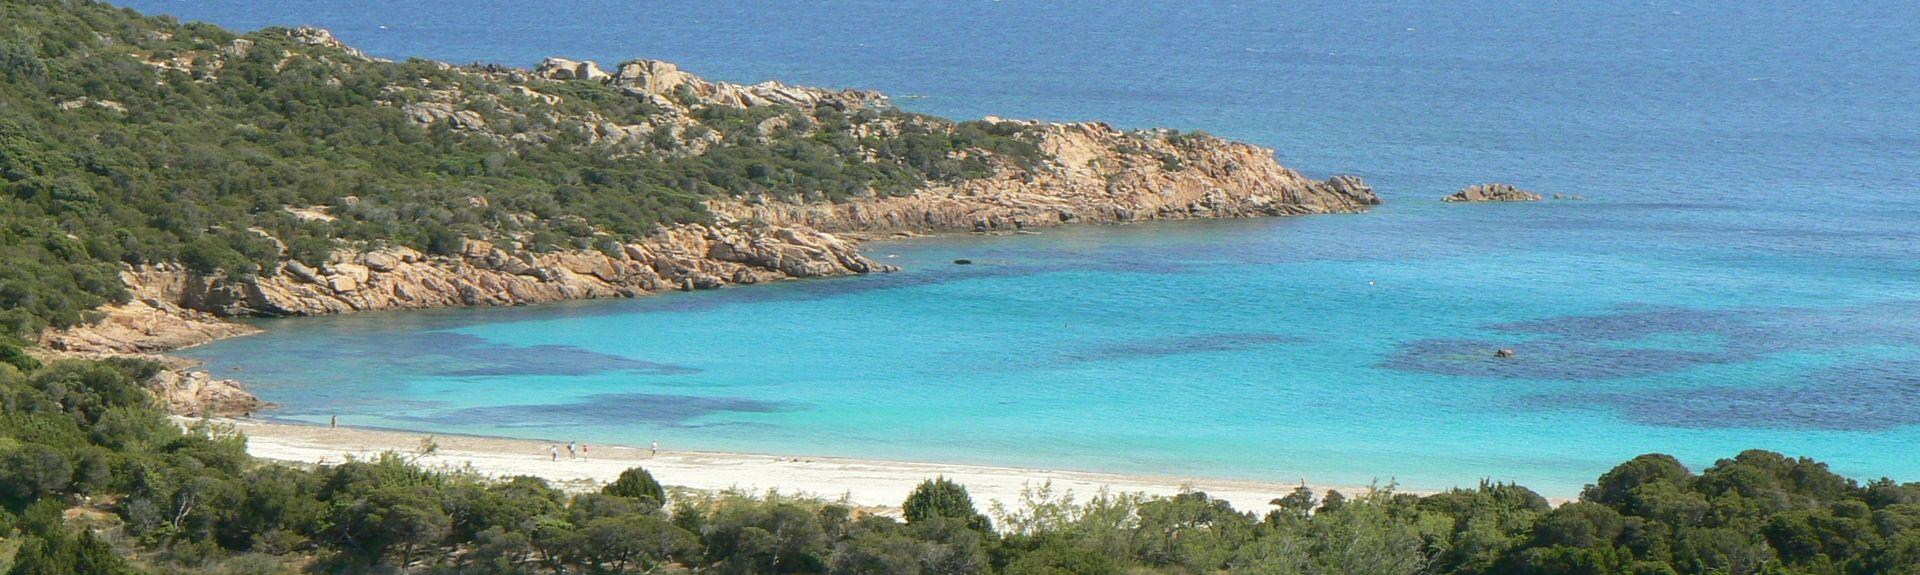 Belvédère-Campomoro, Corse-du-Sud, France